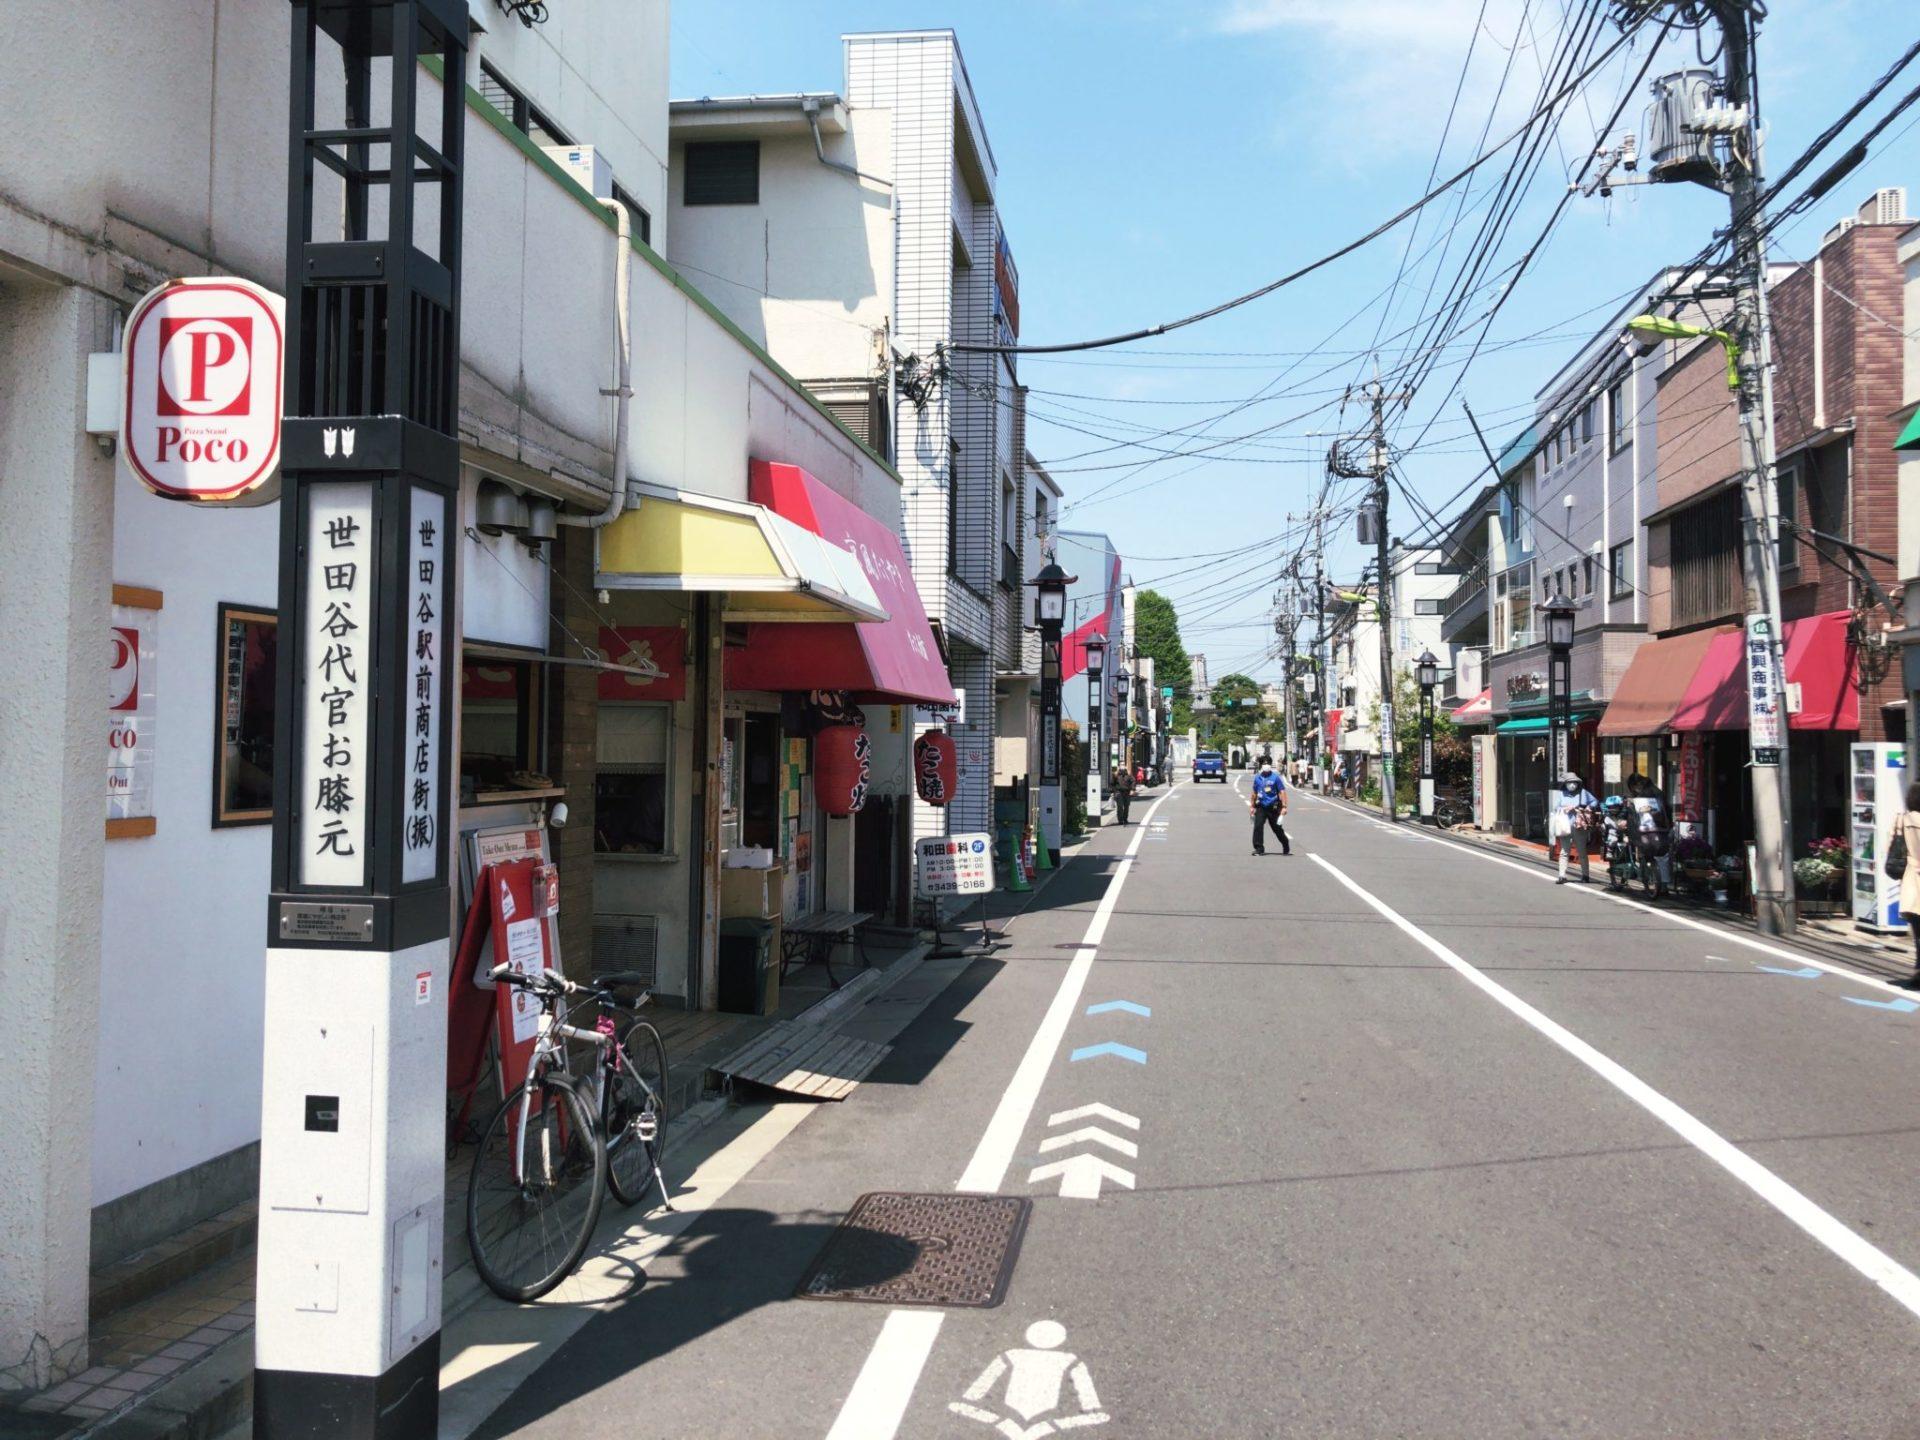 ピザスタンドPoco 世田谷は駒沢公園通り沿いにある